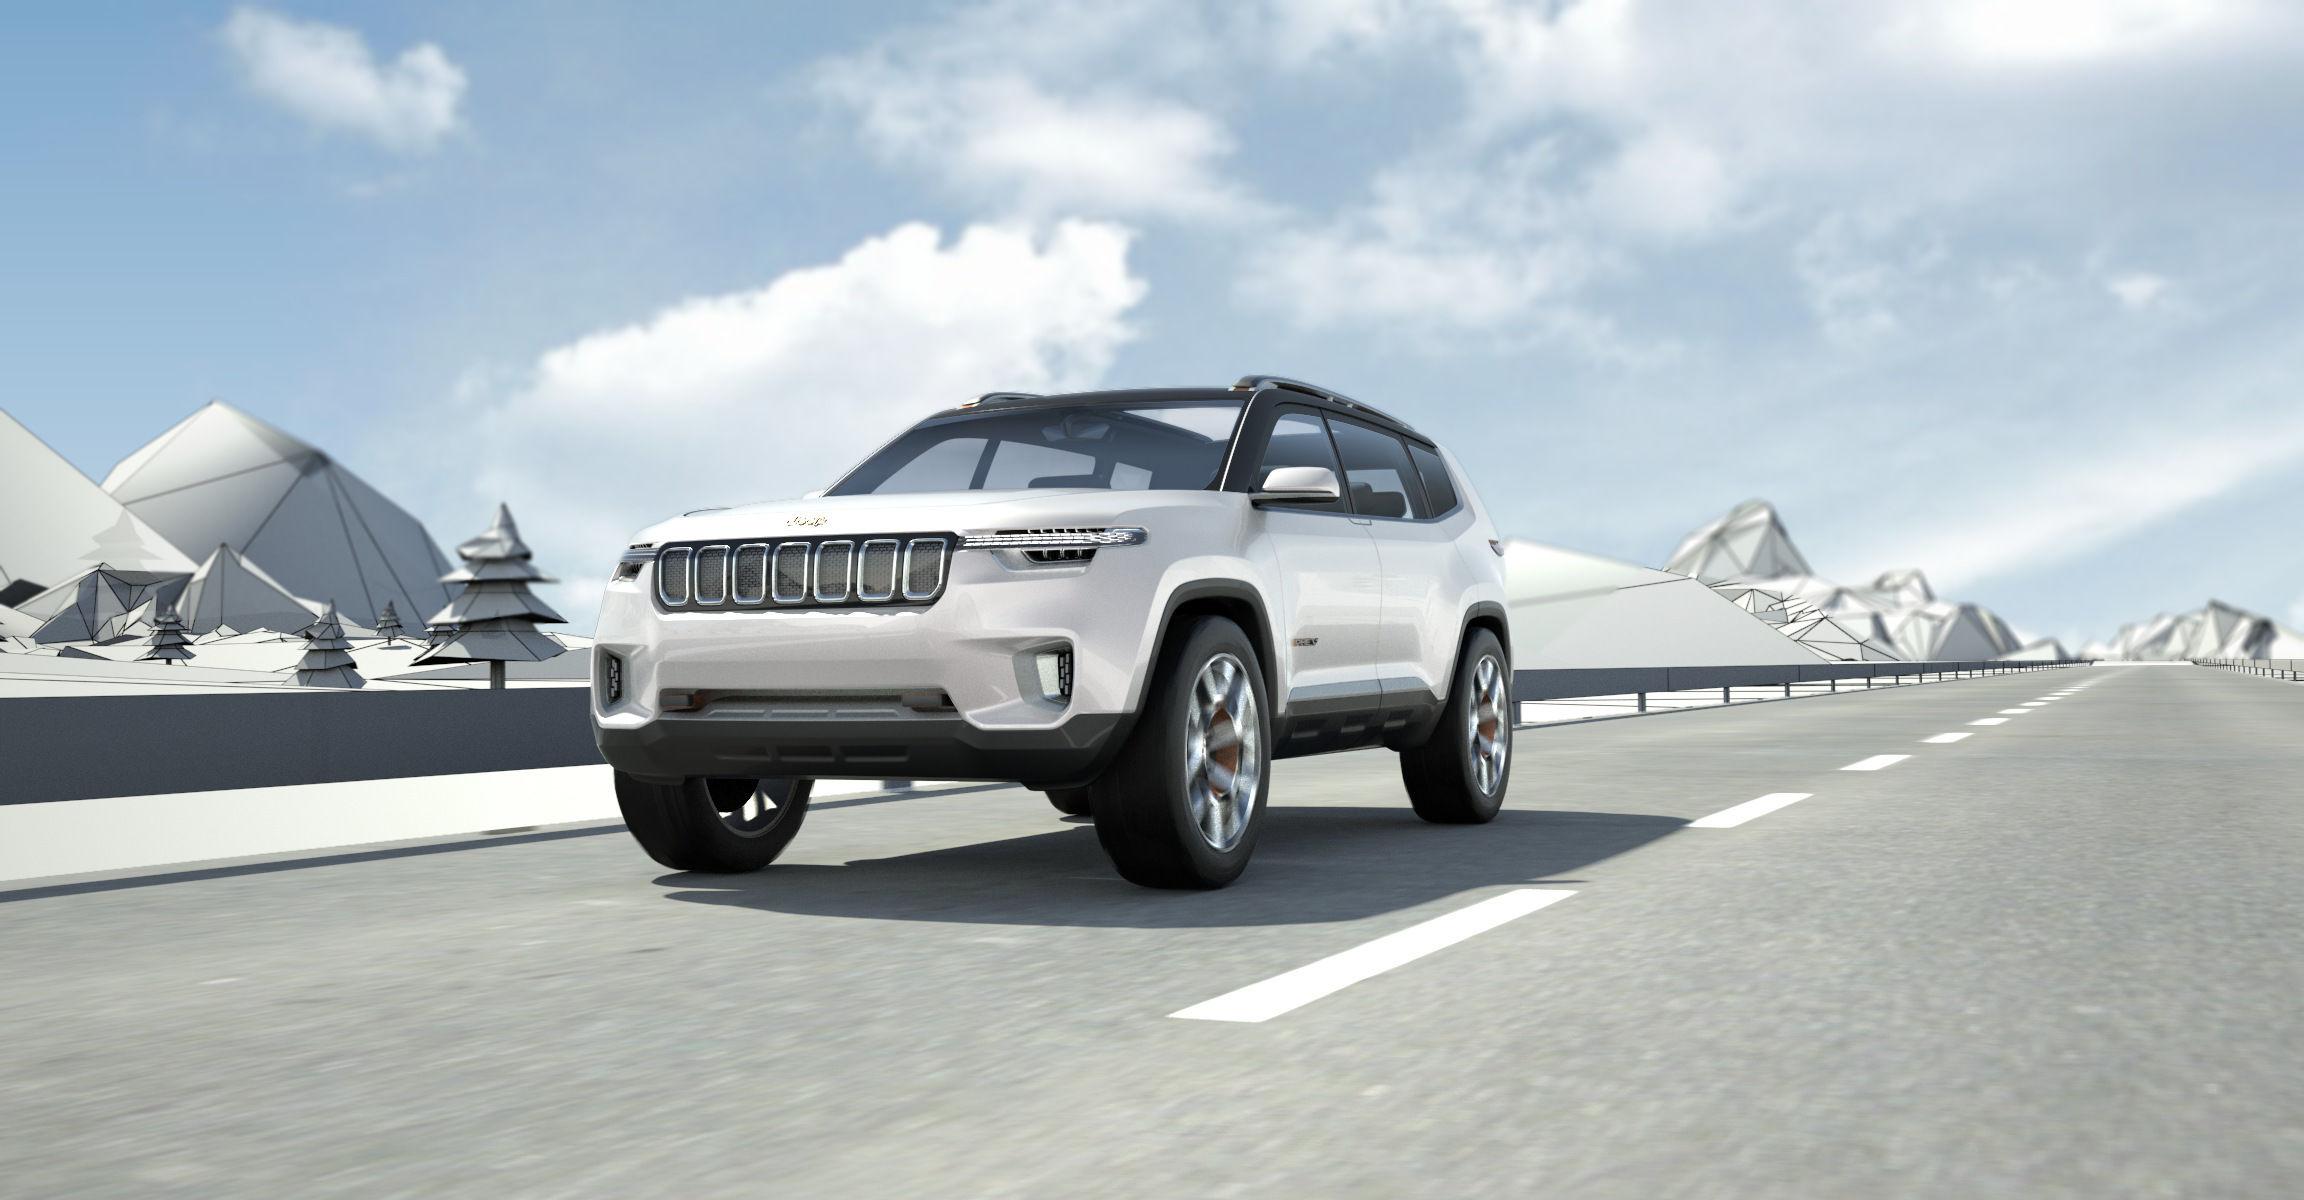 探索未来 SUV 可能性,第一款合资公司打造的概念车「Jeep 云图」给你你答案